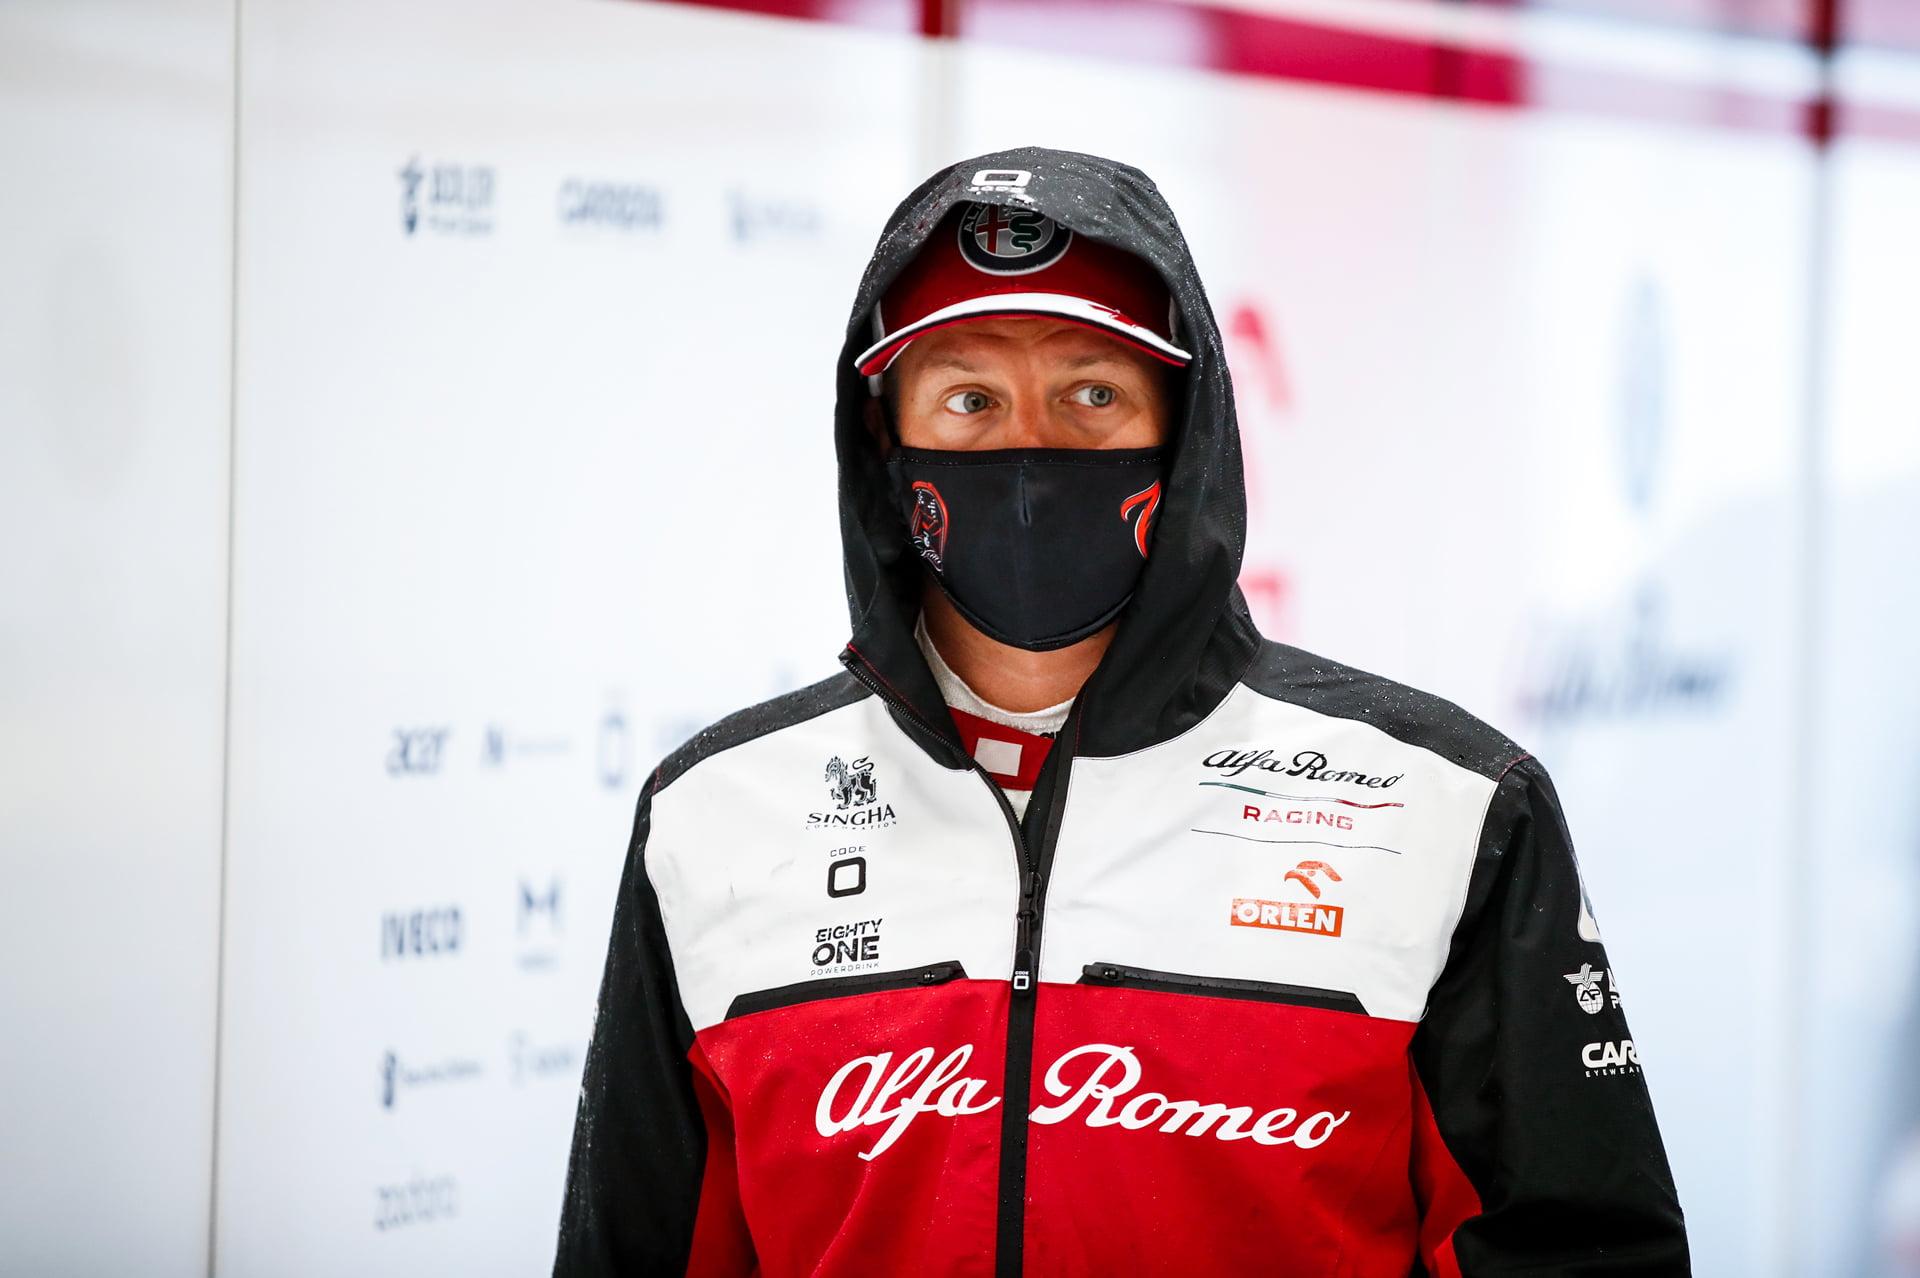 Kimi finalmente ha elegido su vida familiar frente al circo rodante de la F1